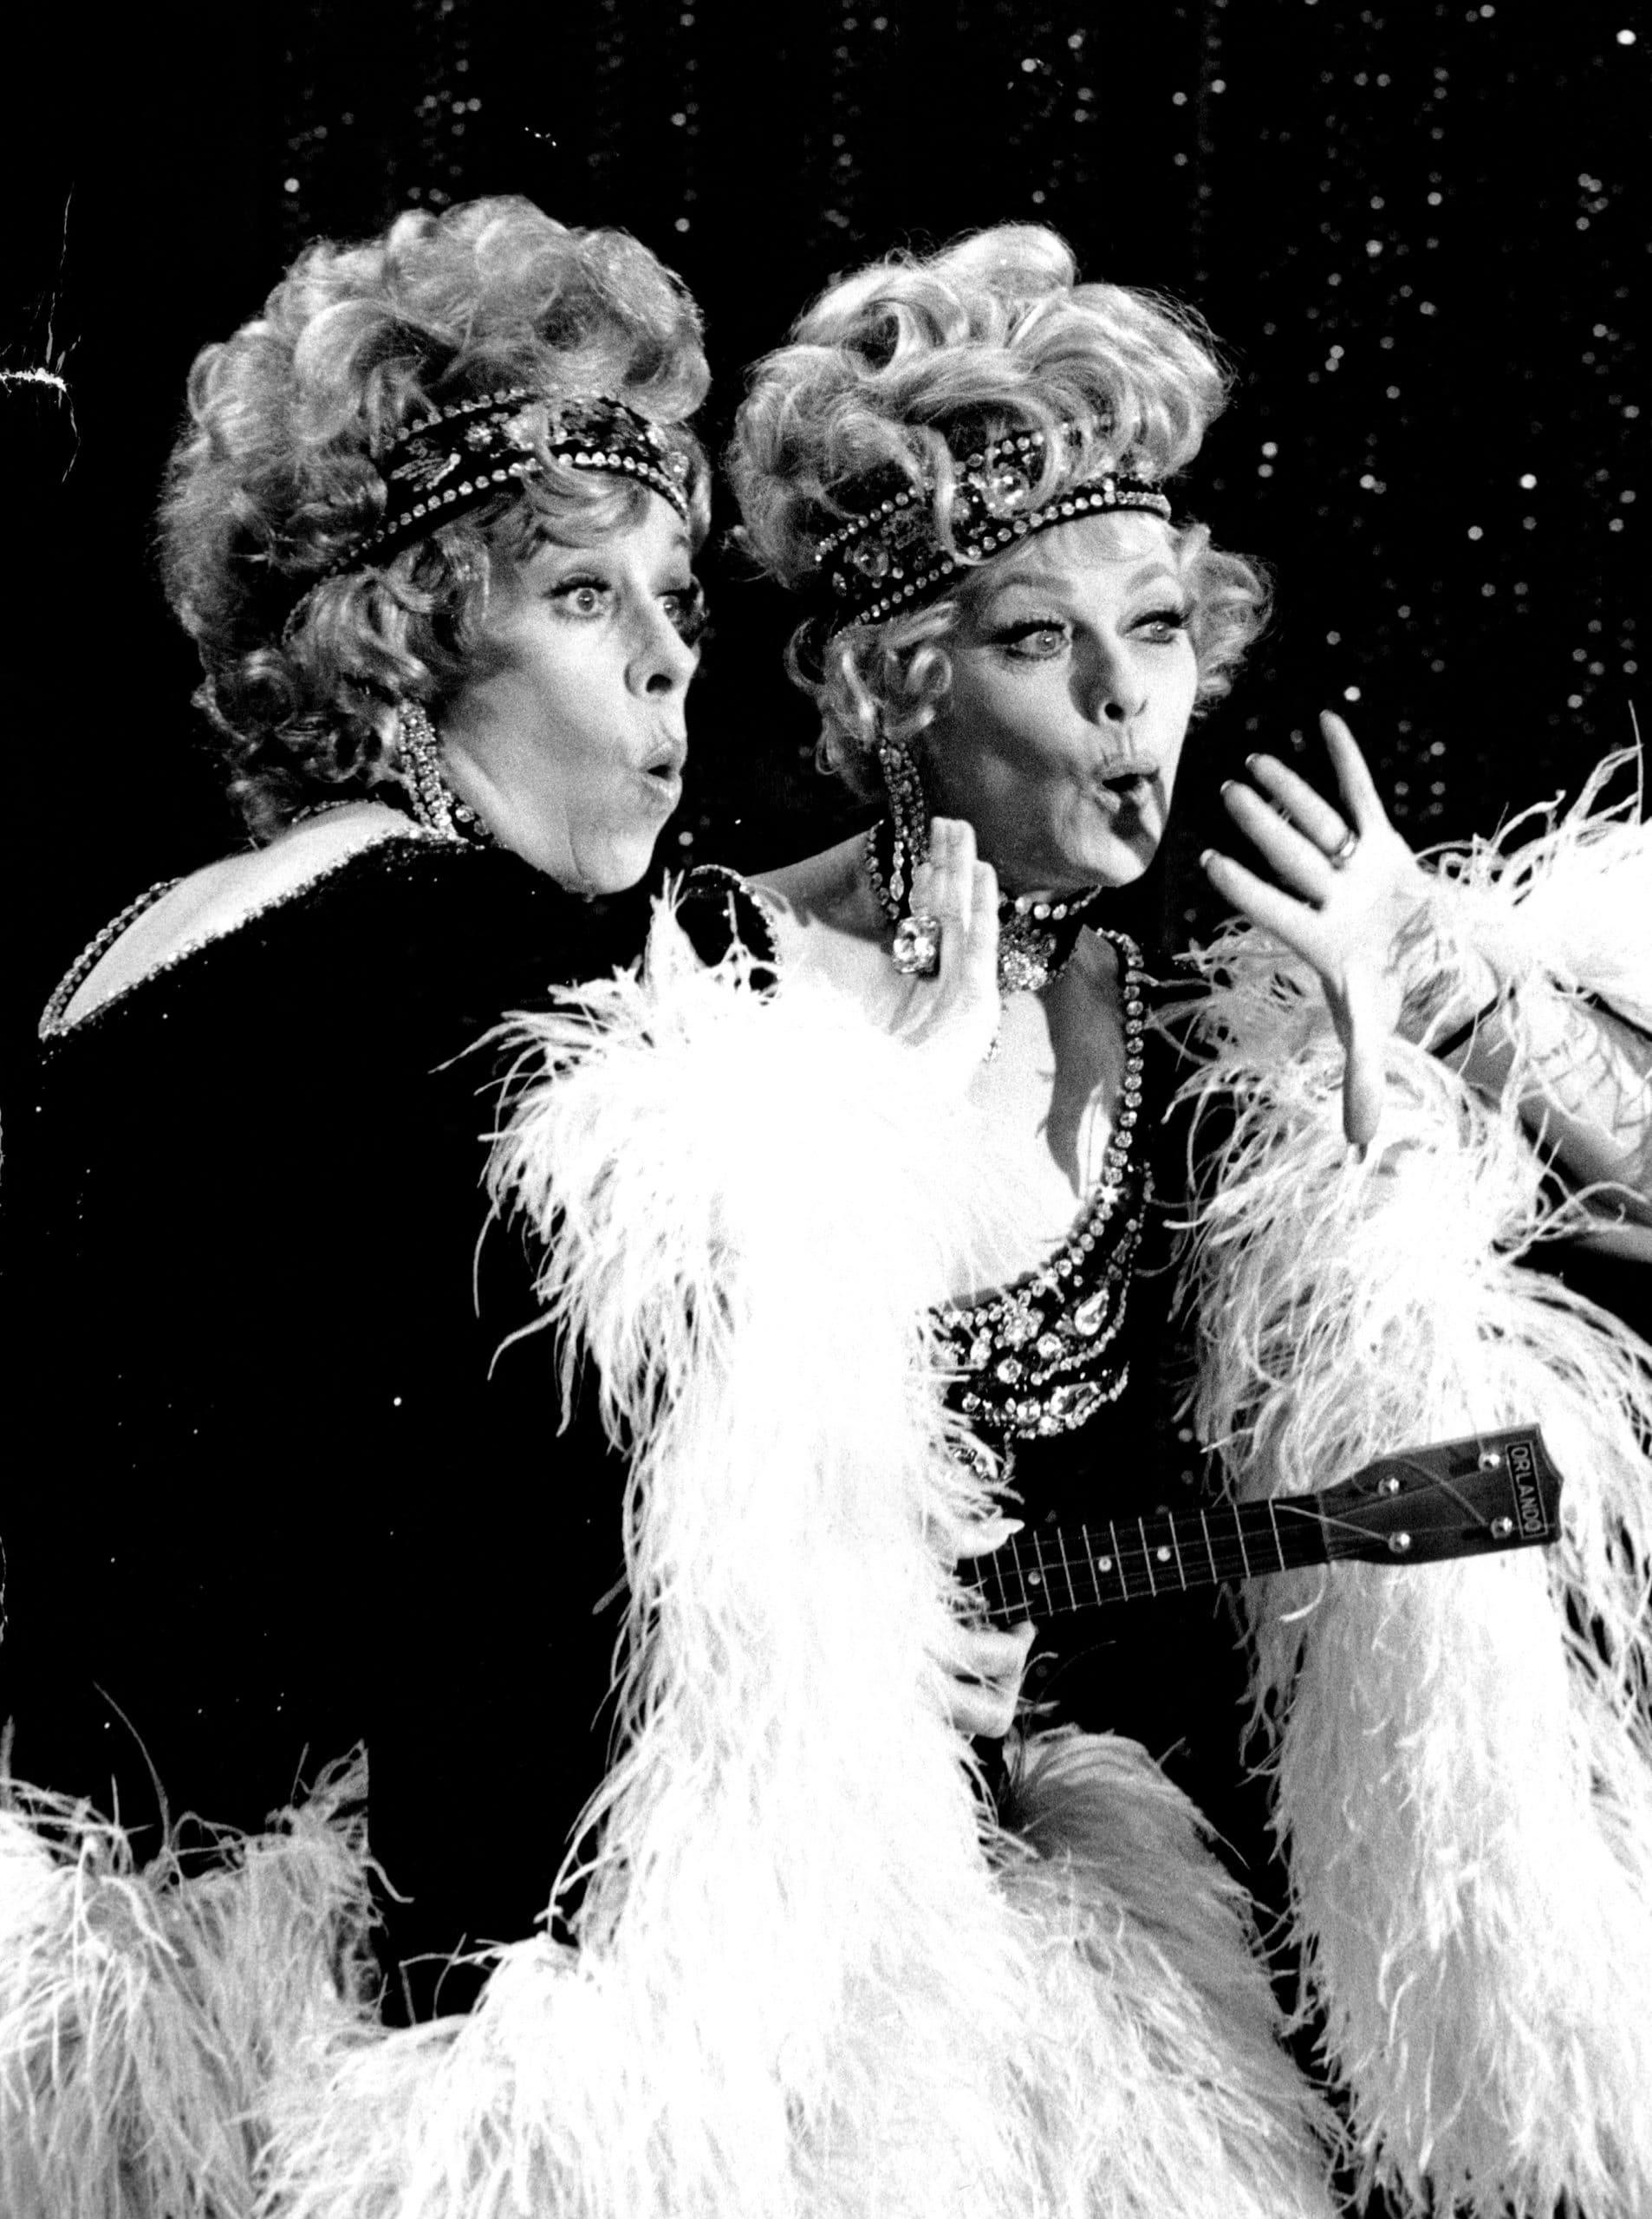 THE CAROL BURNETT SHOW, Carol Burnett, Lucille Ball